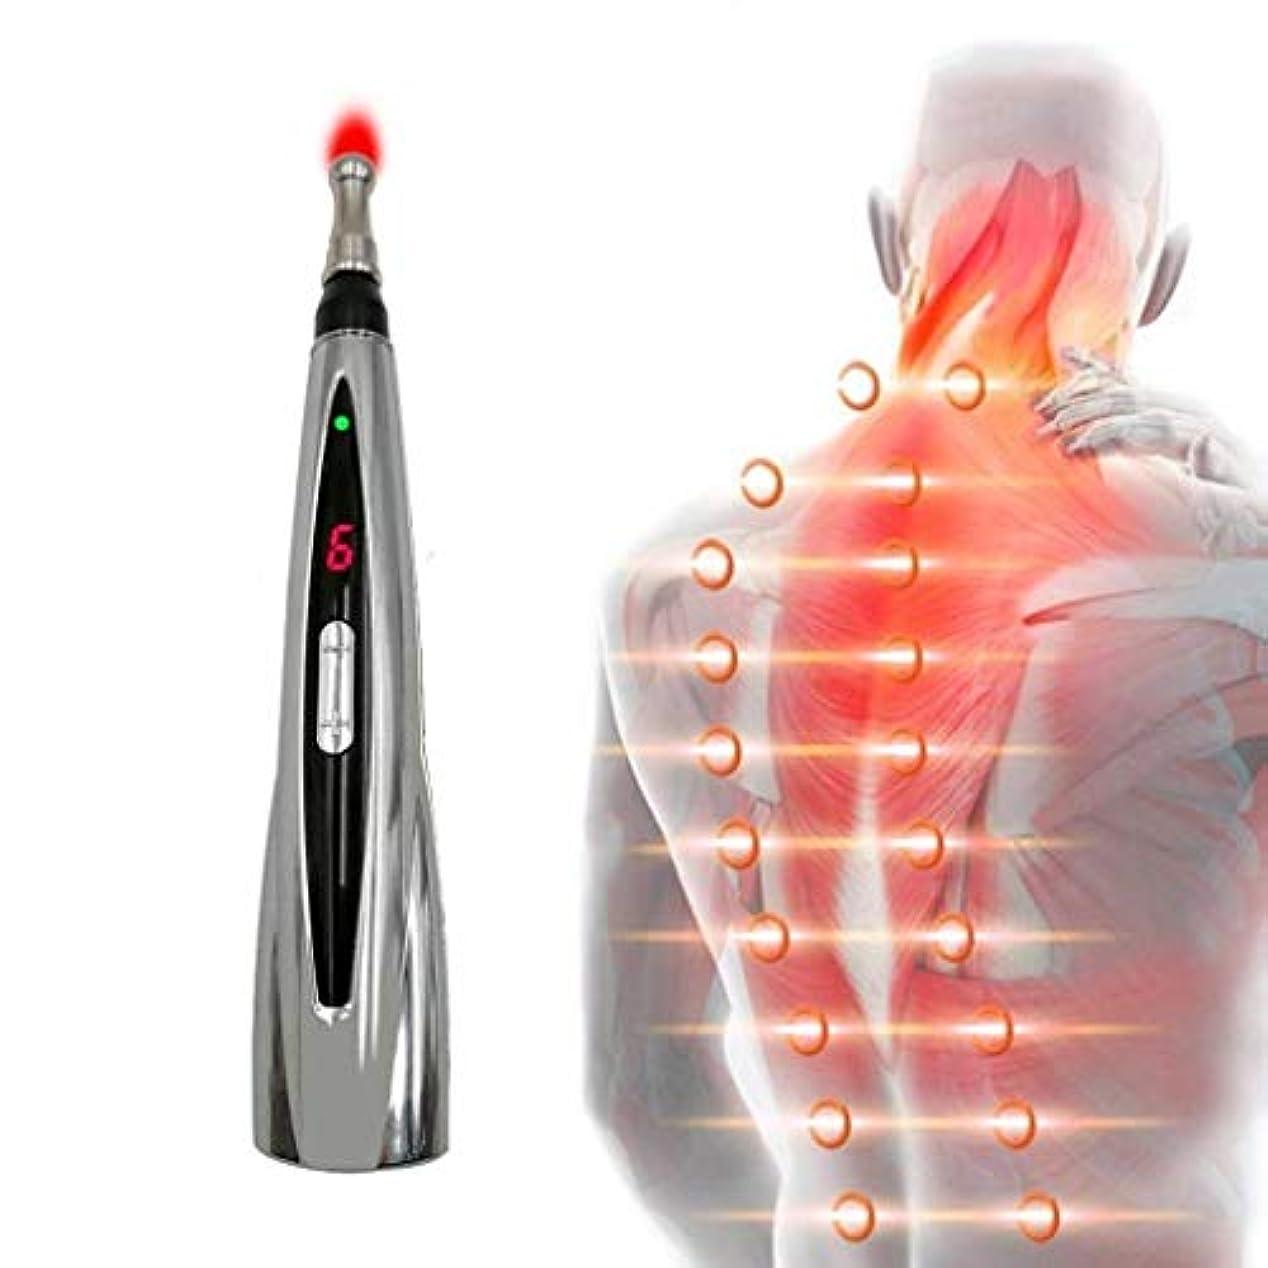 シルク適合しました受粉する経絡ペン、電気鍼ツボペンは痛みを和らげることができ、体の首と首に適した電子経絡エネルギーペンマッサージを扱います